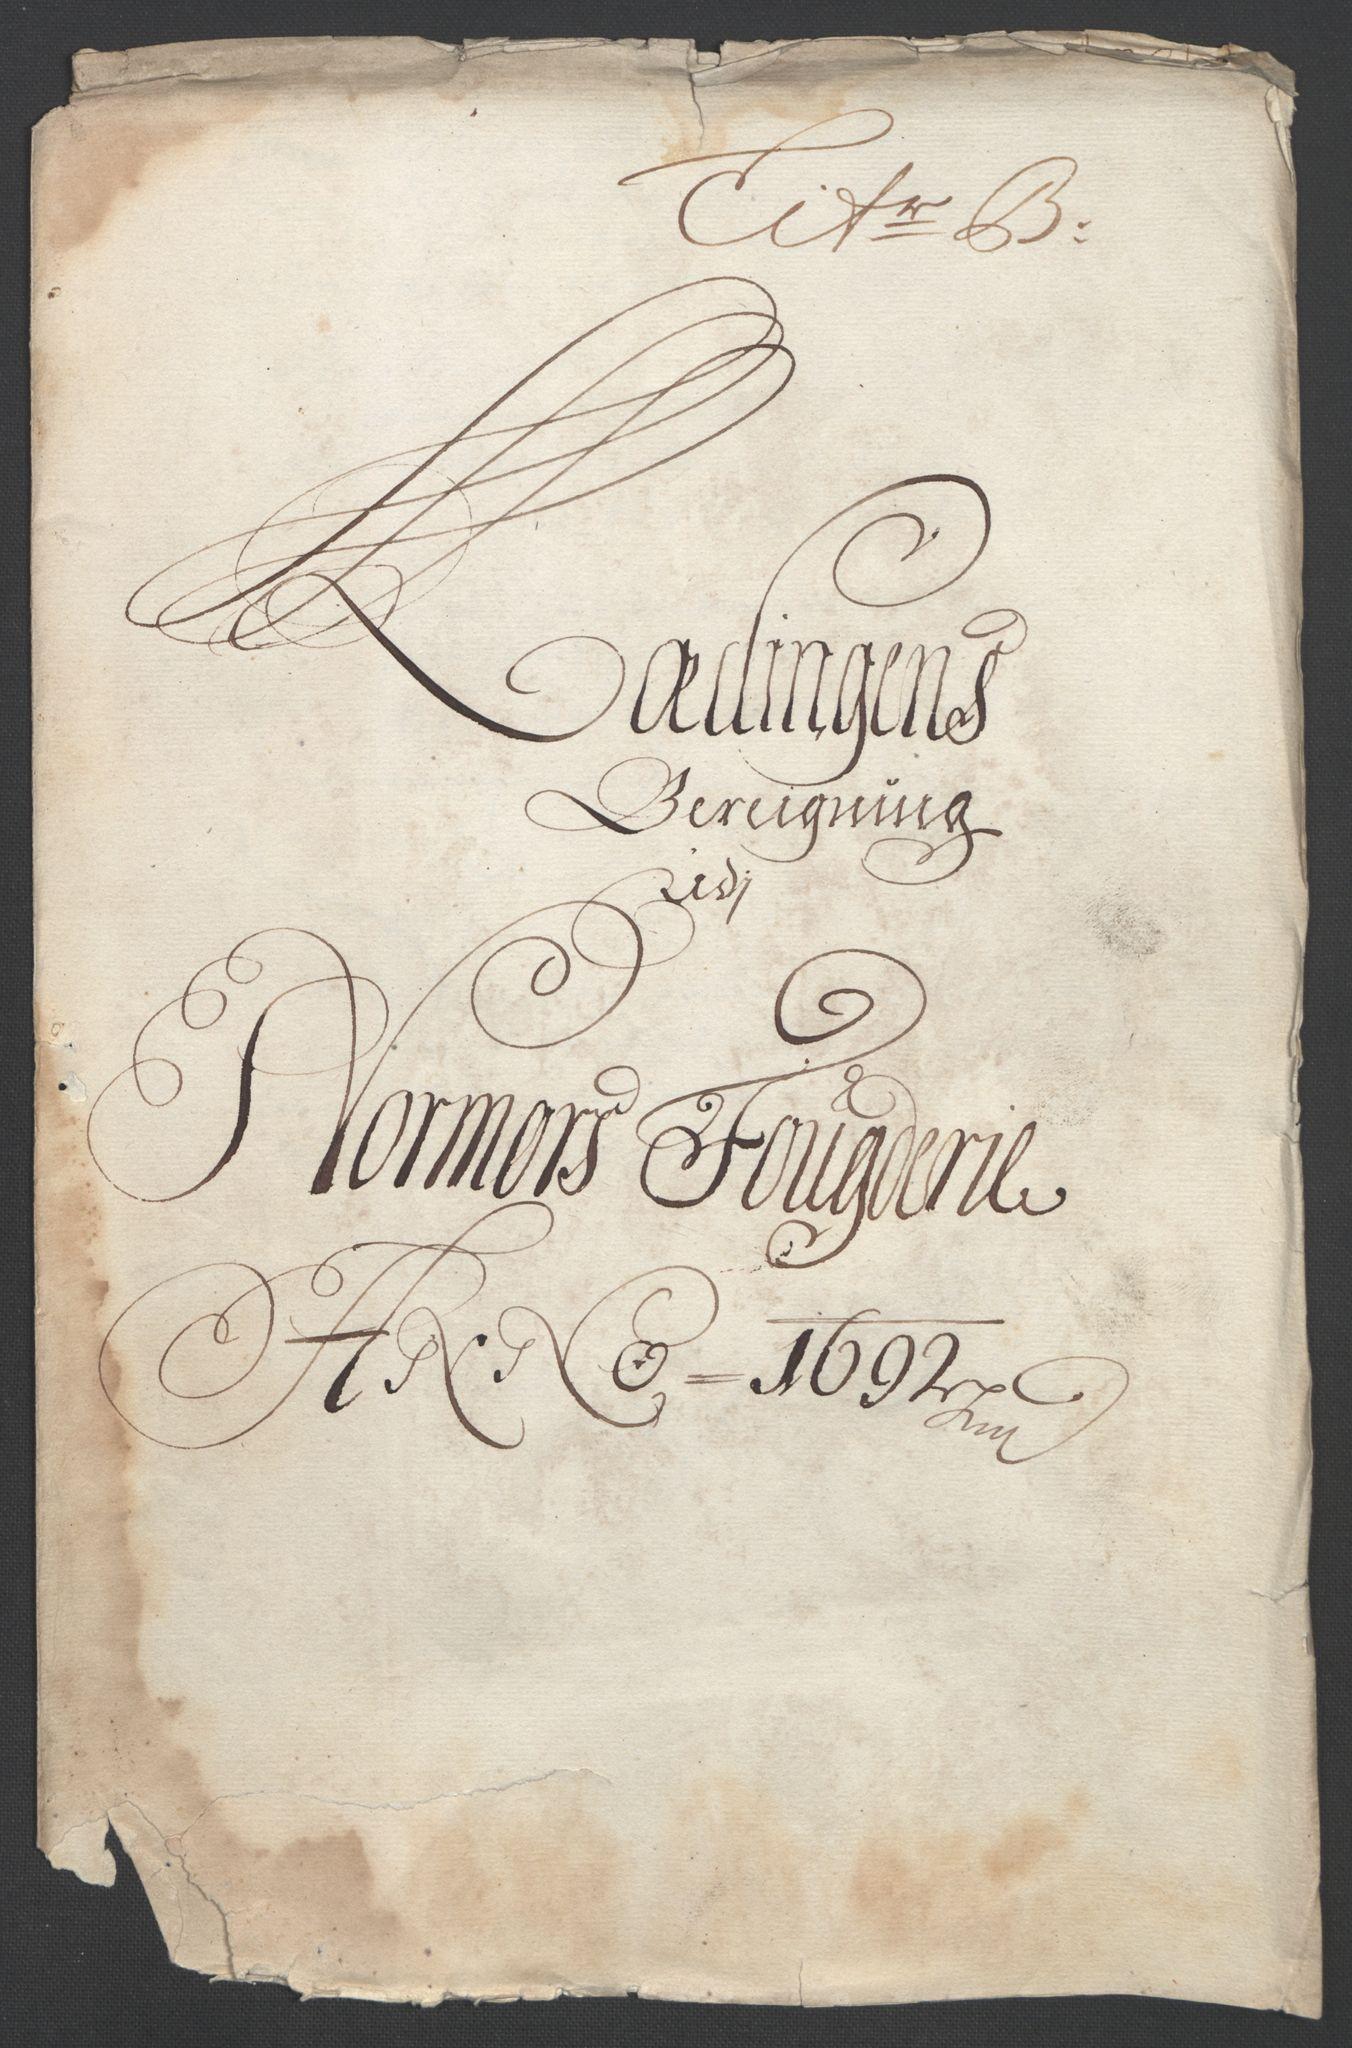 RA, Rentekammeret inntil 1814, Reviderte regnskaper, Fogderegnskap, R56/L3735: Fogderegnskap Nordmøre, 1692-1693, s. 68